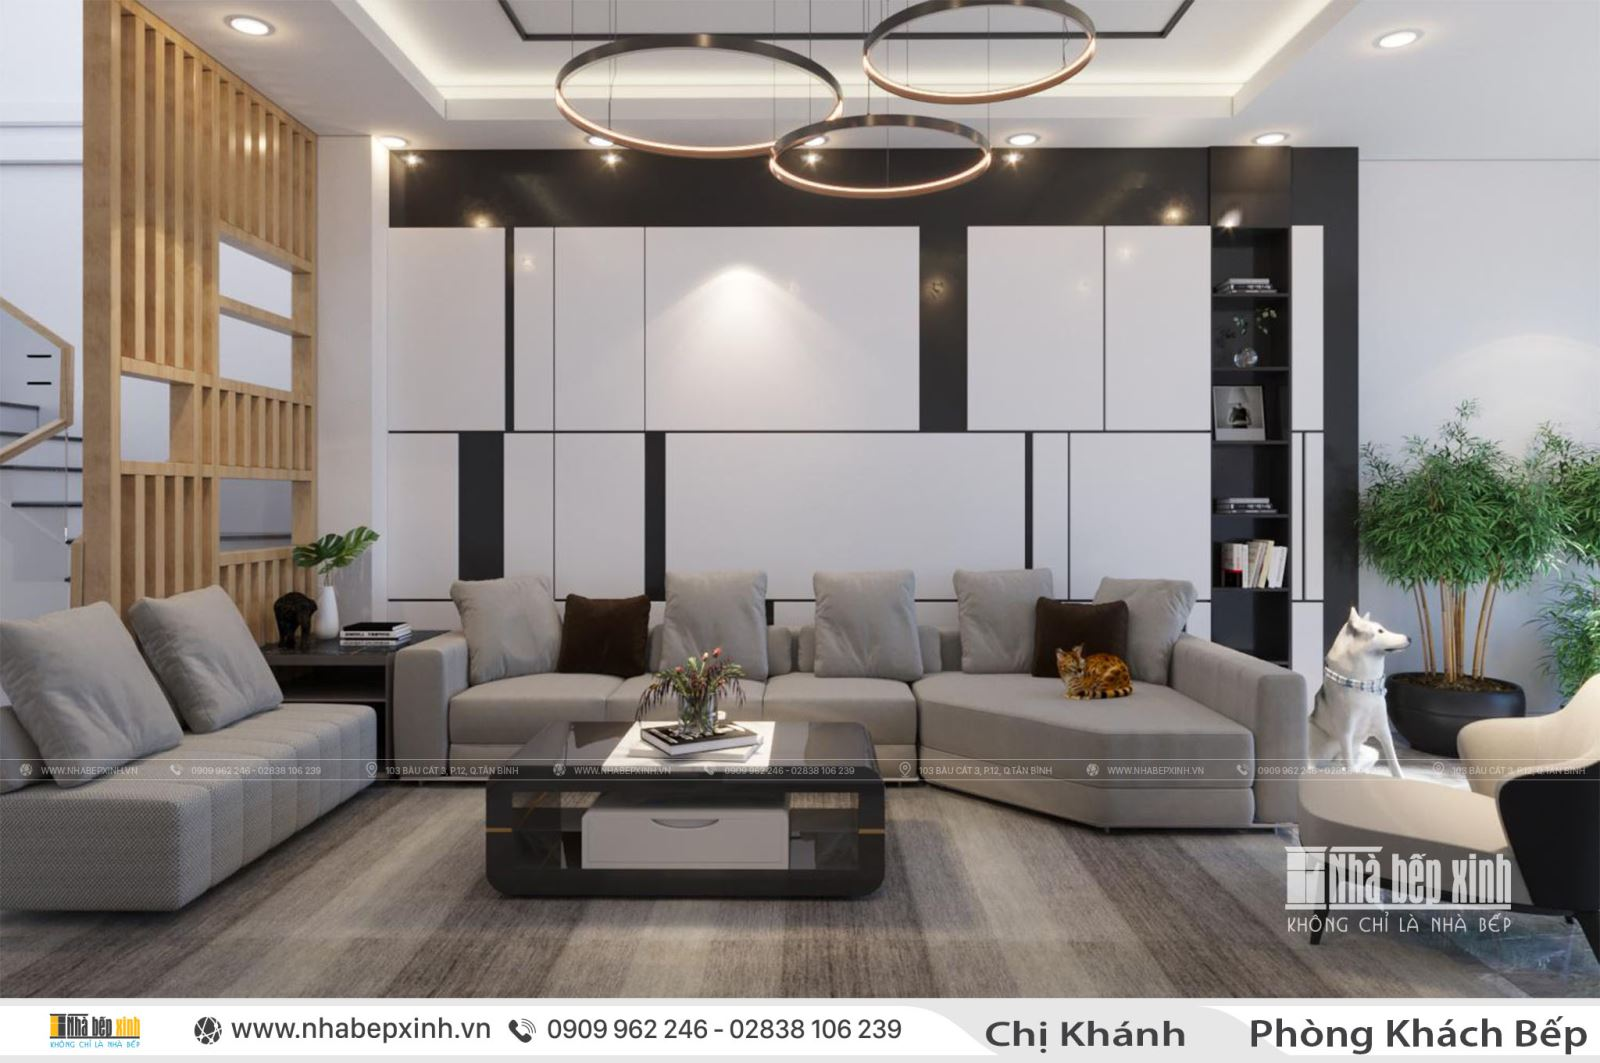 Mẫu thiết kế nội thất phòng khách nhà chị Khánh tại Tân Phú